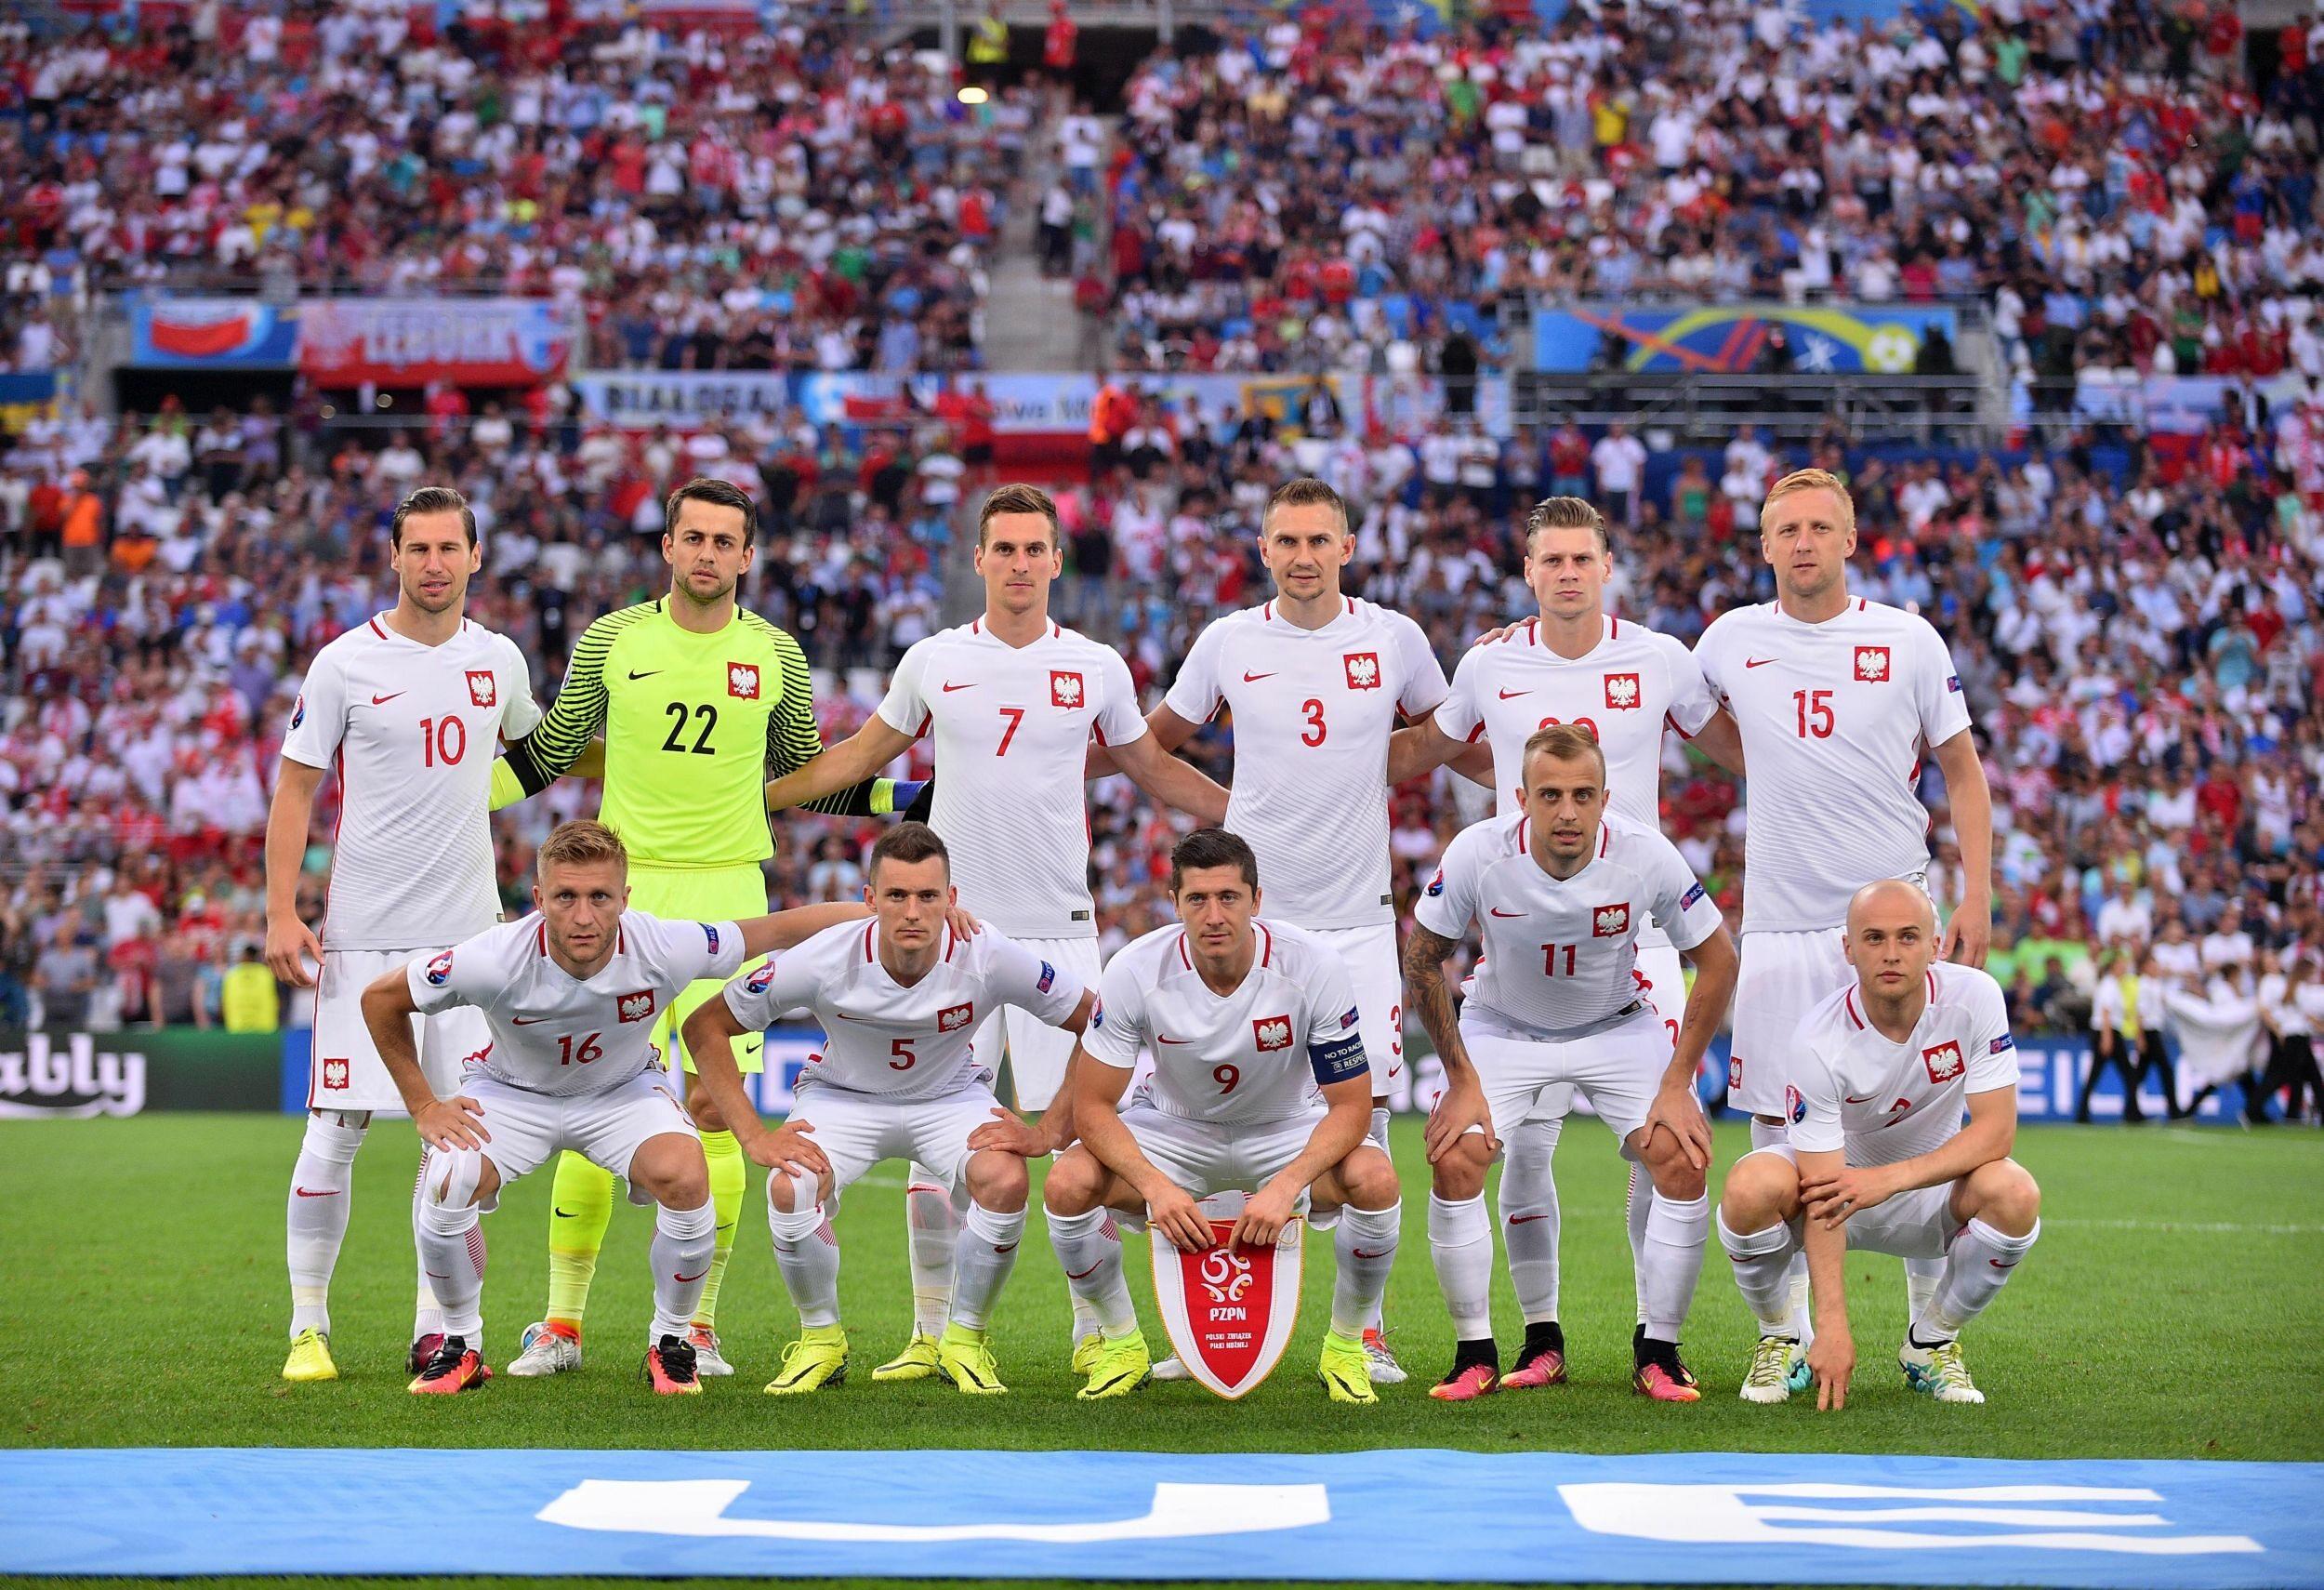 Reprezentacja Polski przed meczem ćwierćfinałowym z Portugalią w Euro 2016